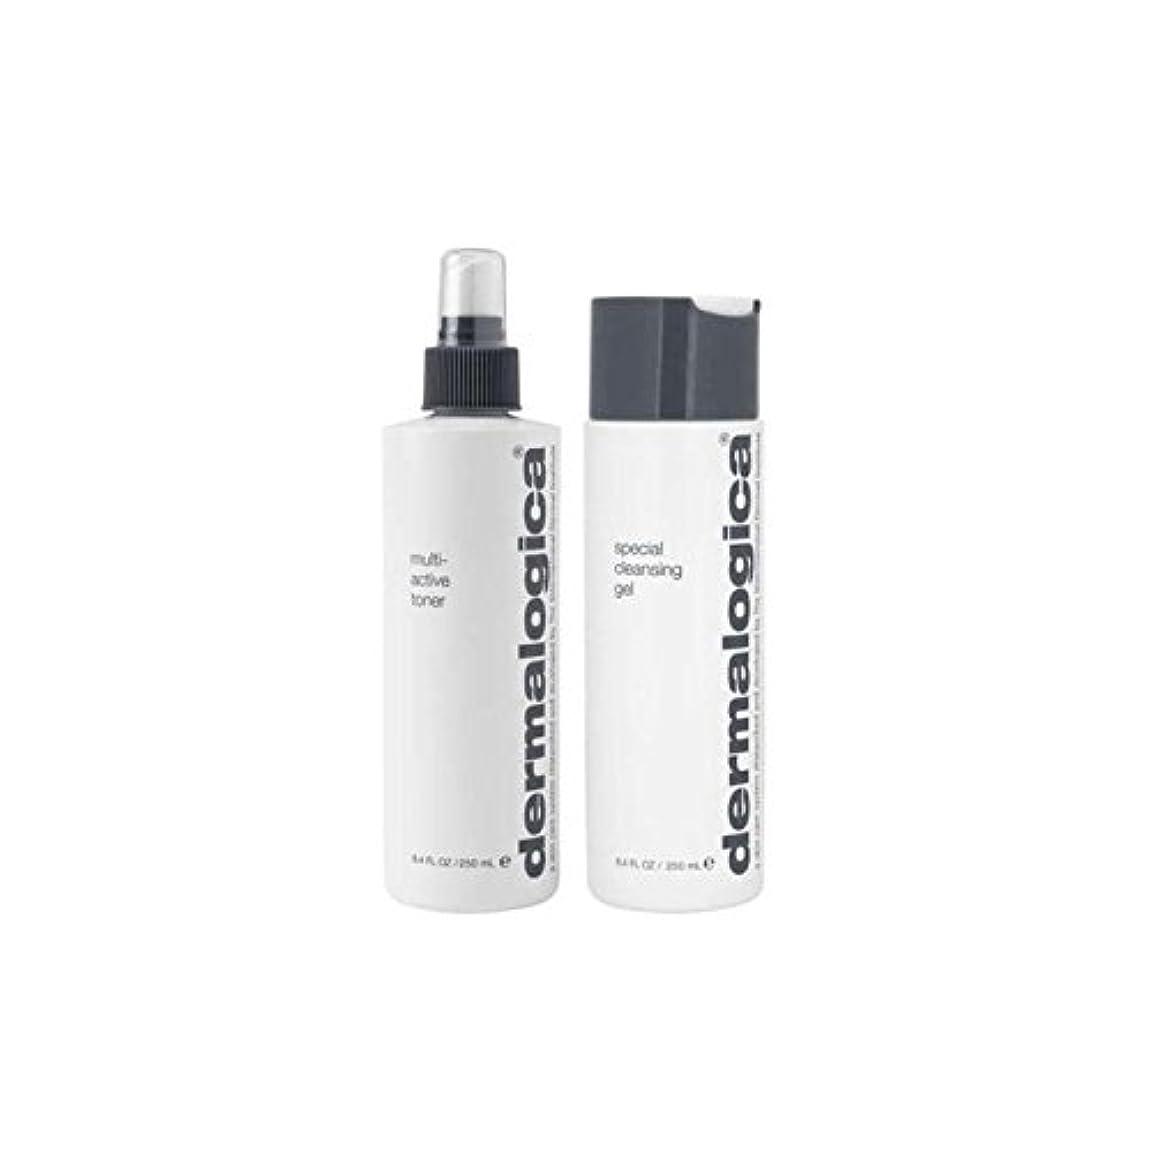 謎粒オーチャードDermalogica Cleanse & Tone Duo - Normal/Dry Skin (2 Products) - ダーマロジカクレンジング&トーンデュオ - ノーマル/ドライスキン(2製品) [並行輸入品]